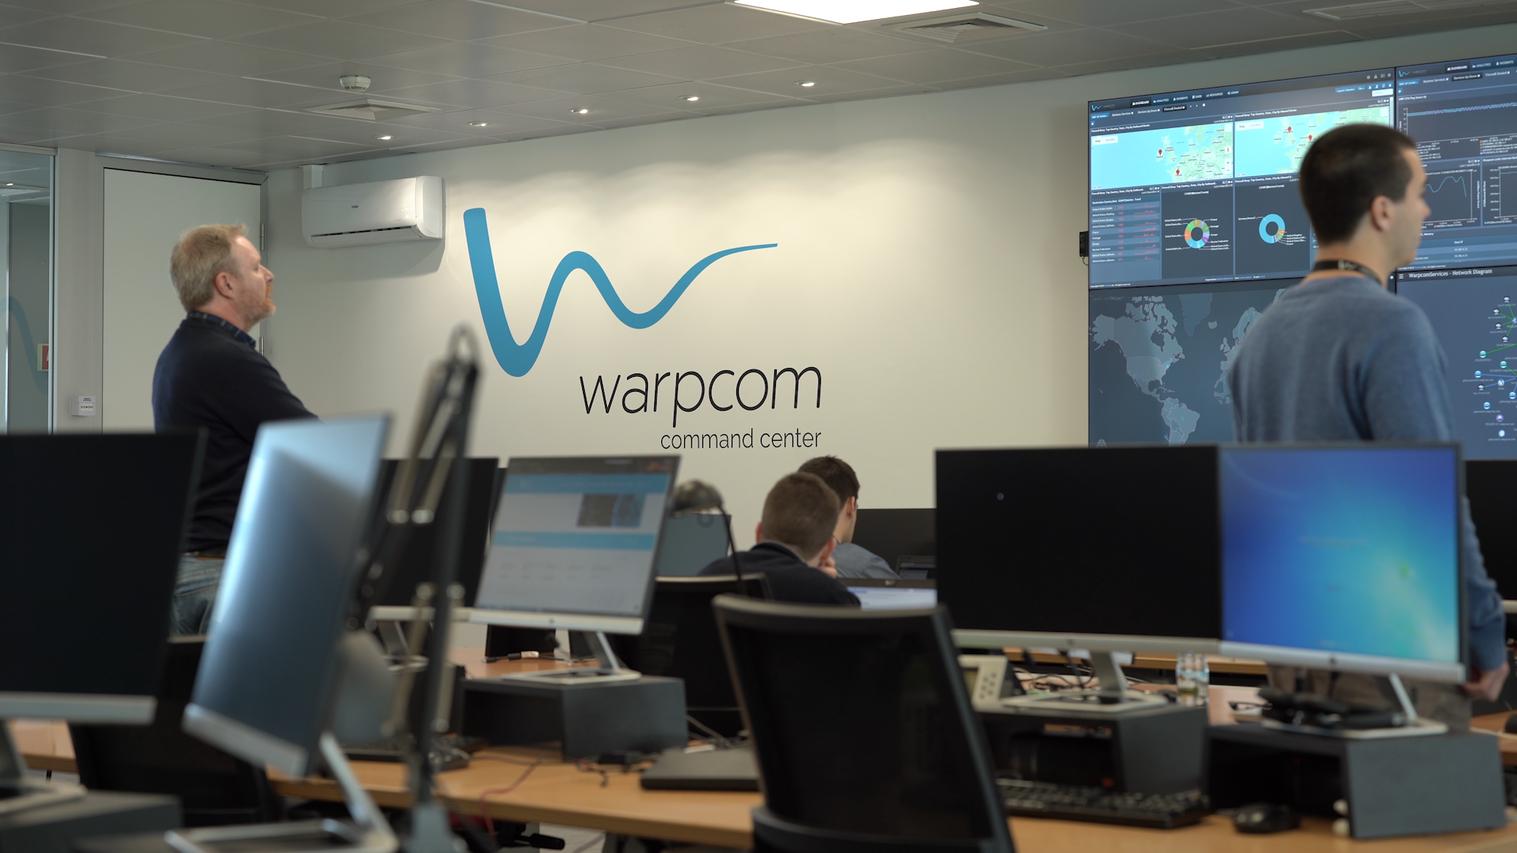 Warpcom Command Center - Serviços Geridos (NOC e SOC) e Serviços de Suporte à sua infraestrutura tecnológica